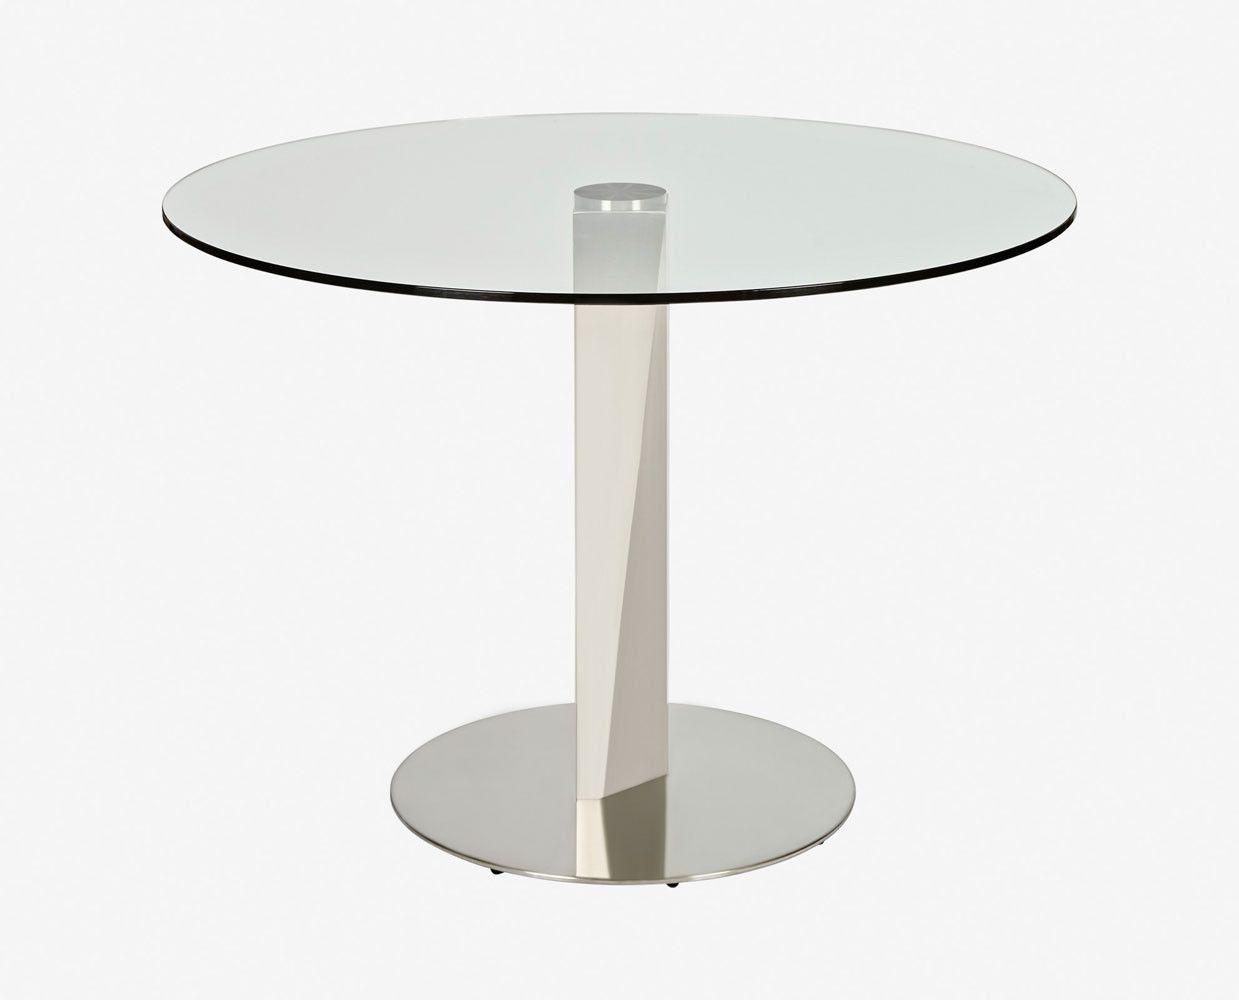 VISPA ROUND DINING TABLE